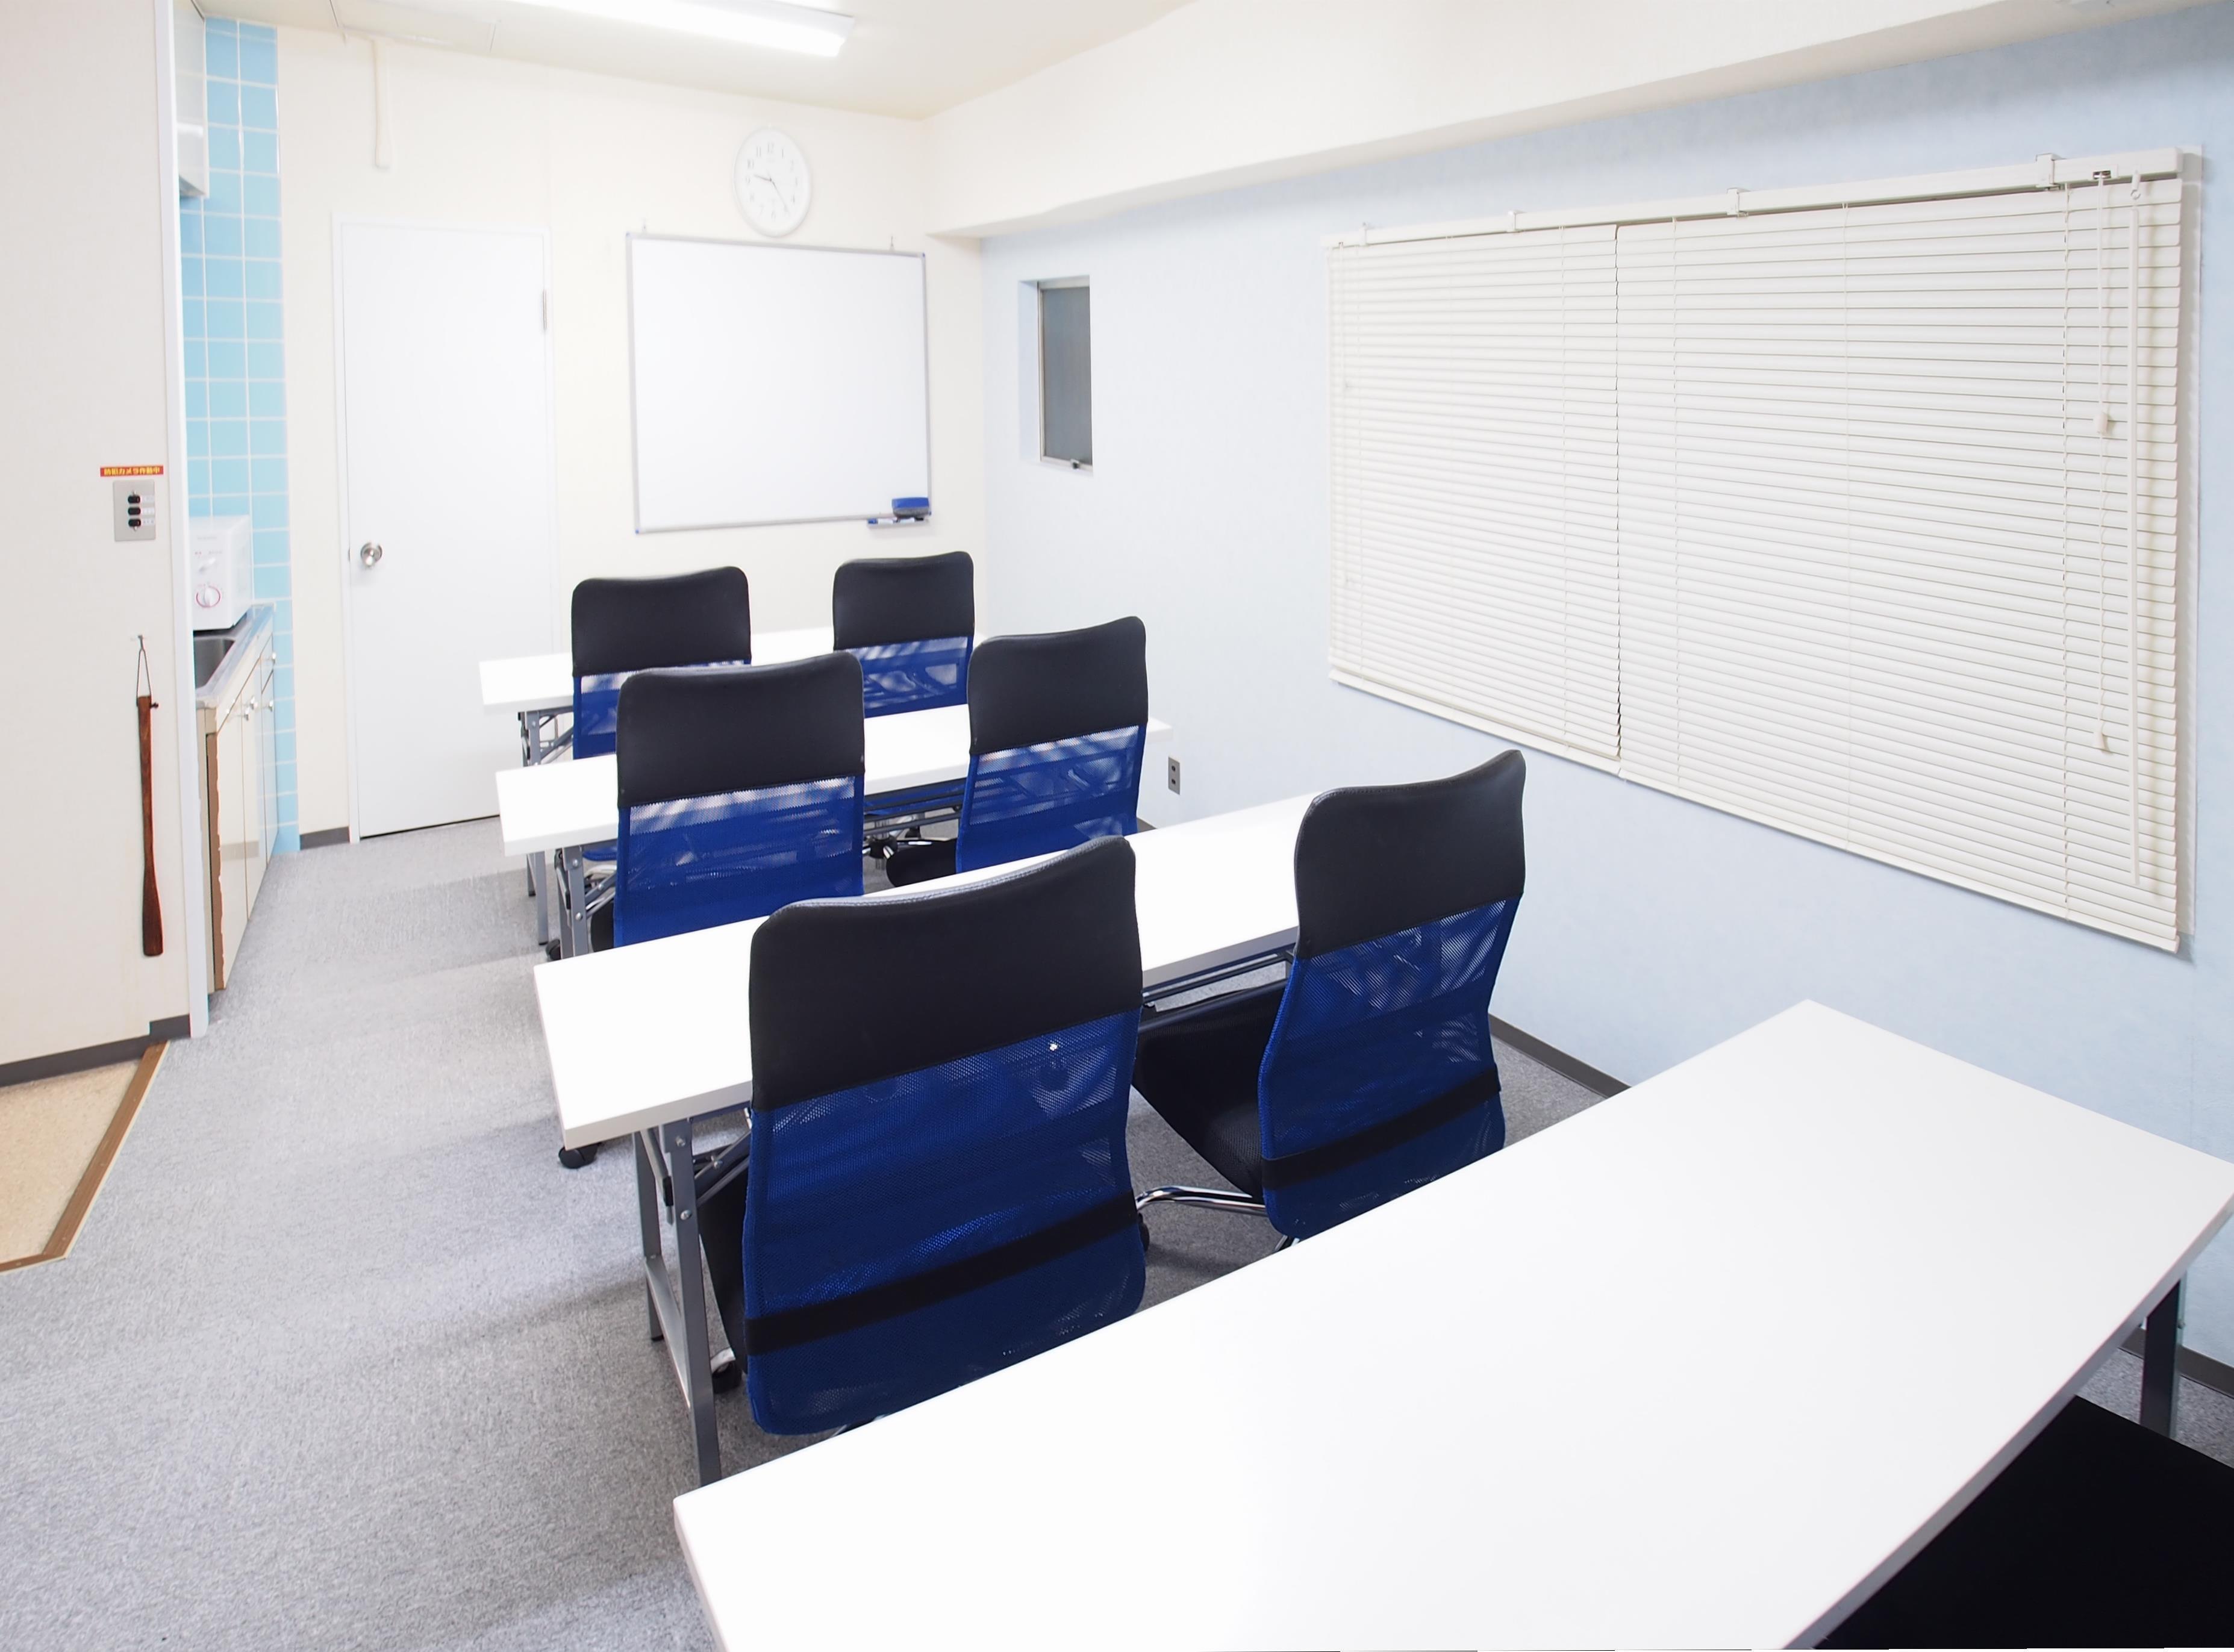 教室・セミナー向けレイアウト - 【マリーナ】新宿の貸し会議室 WiFi大型モニタホワイトボードの室内の写真